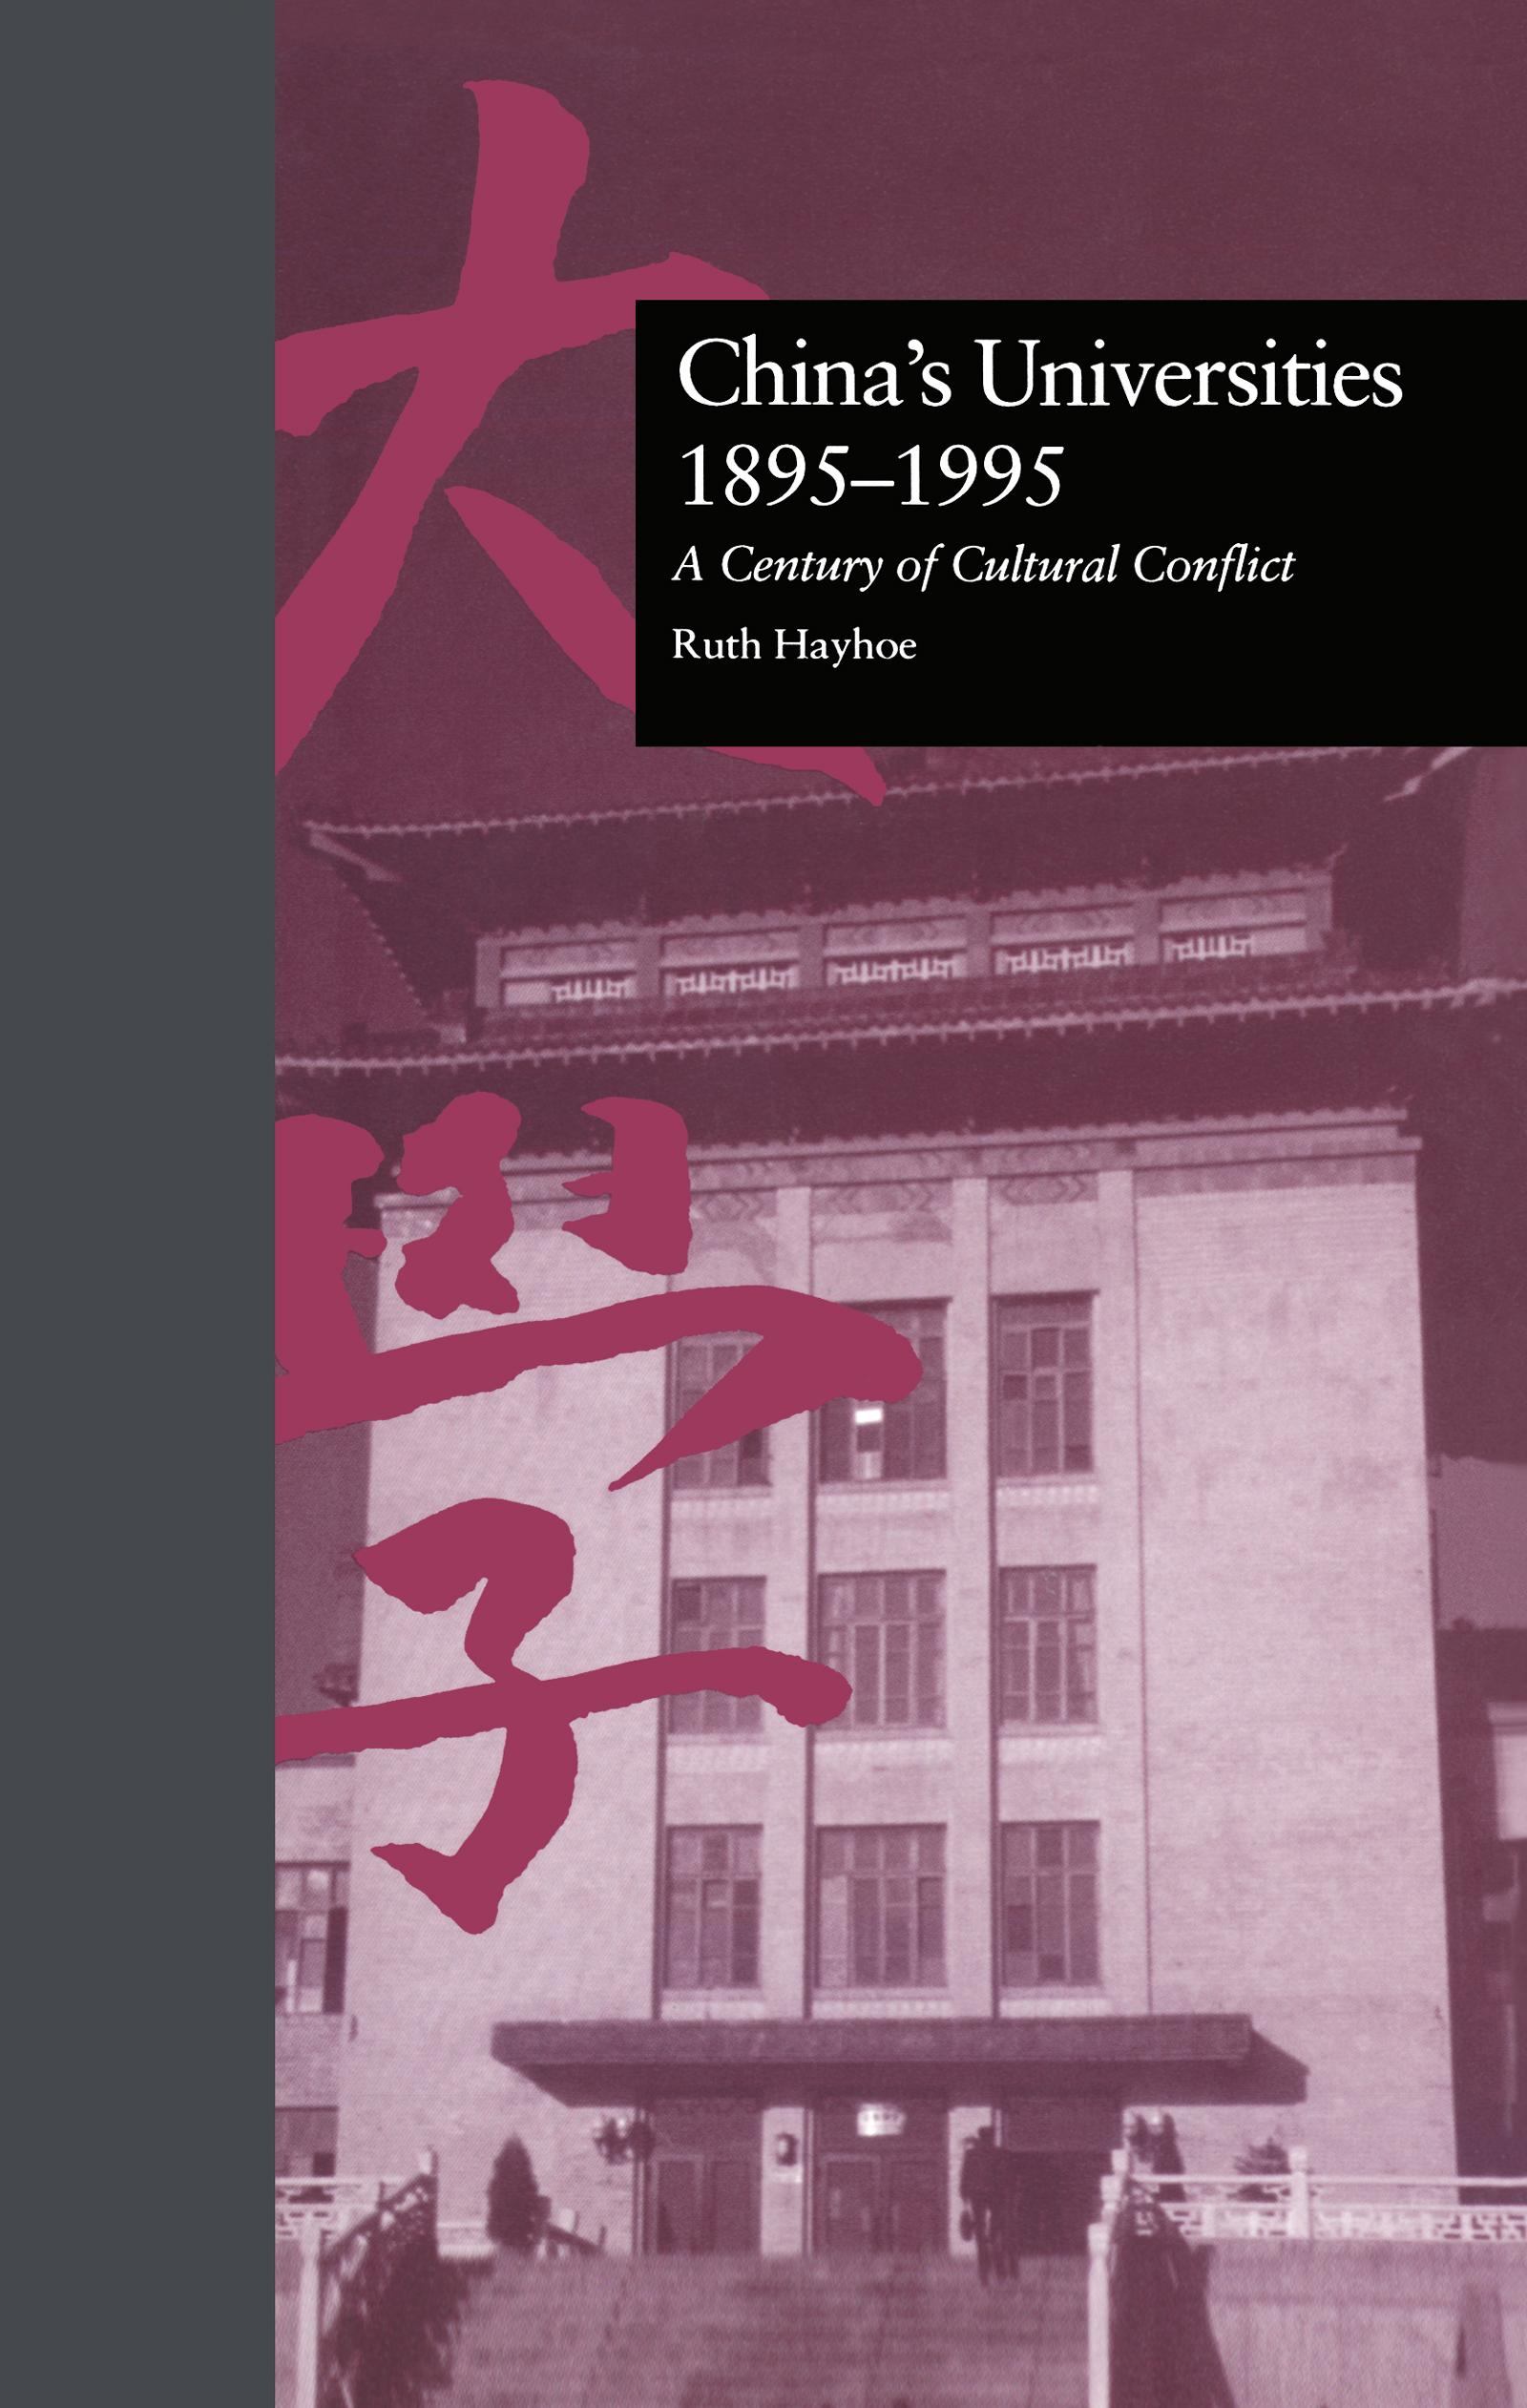 China's Universities, 1895-1995